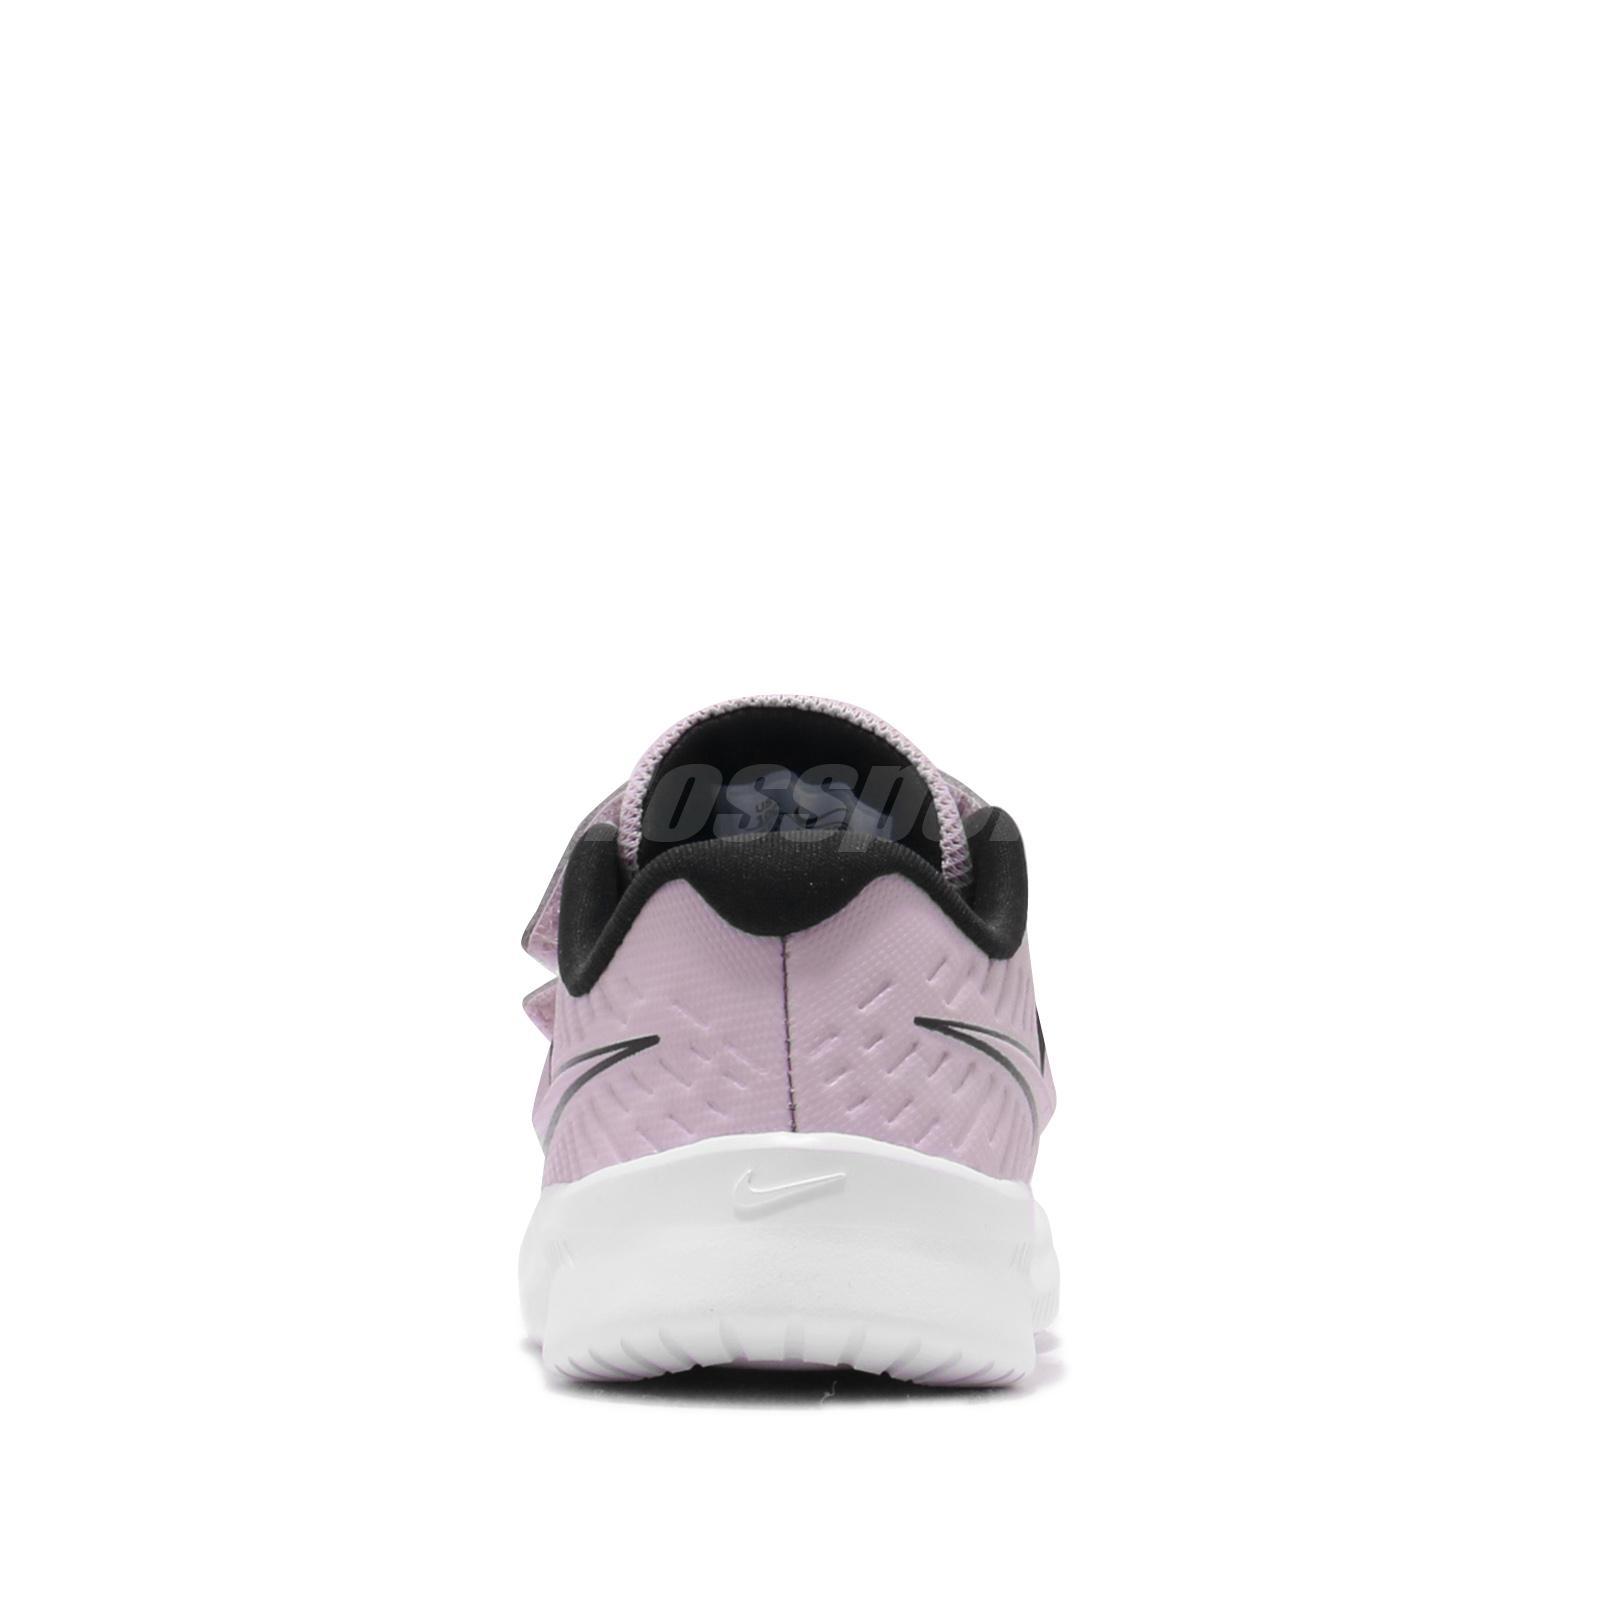 Adidas Originals Superstar 360 I Noir Blanc TD Toddler Infant Baby shoes S82711